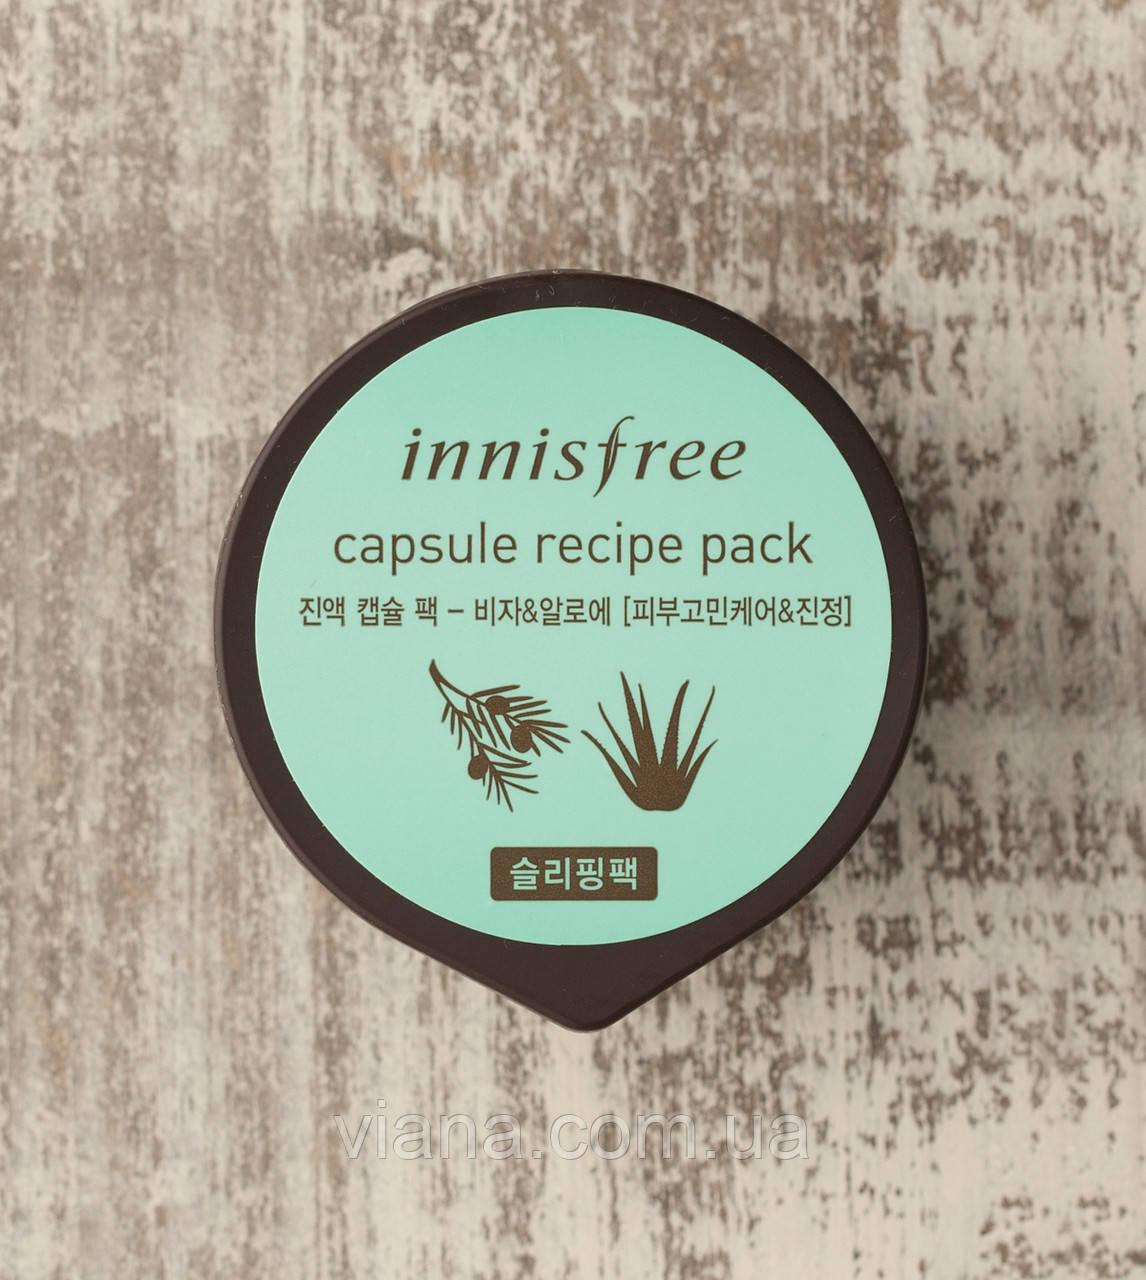 Ночная маска с экстрактом алоэ вера и маслом семян торреи Innisfree Capsule Recipe Pack Bija & Aloe 10 мл